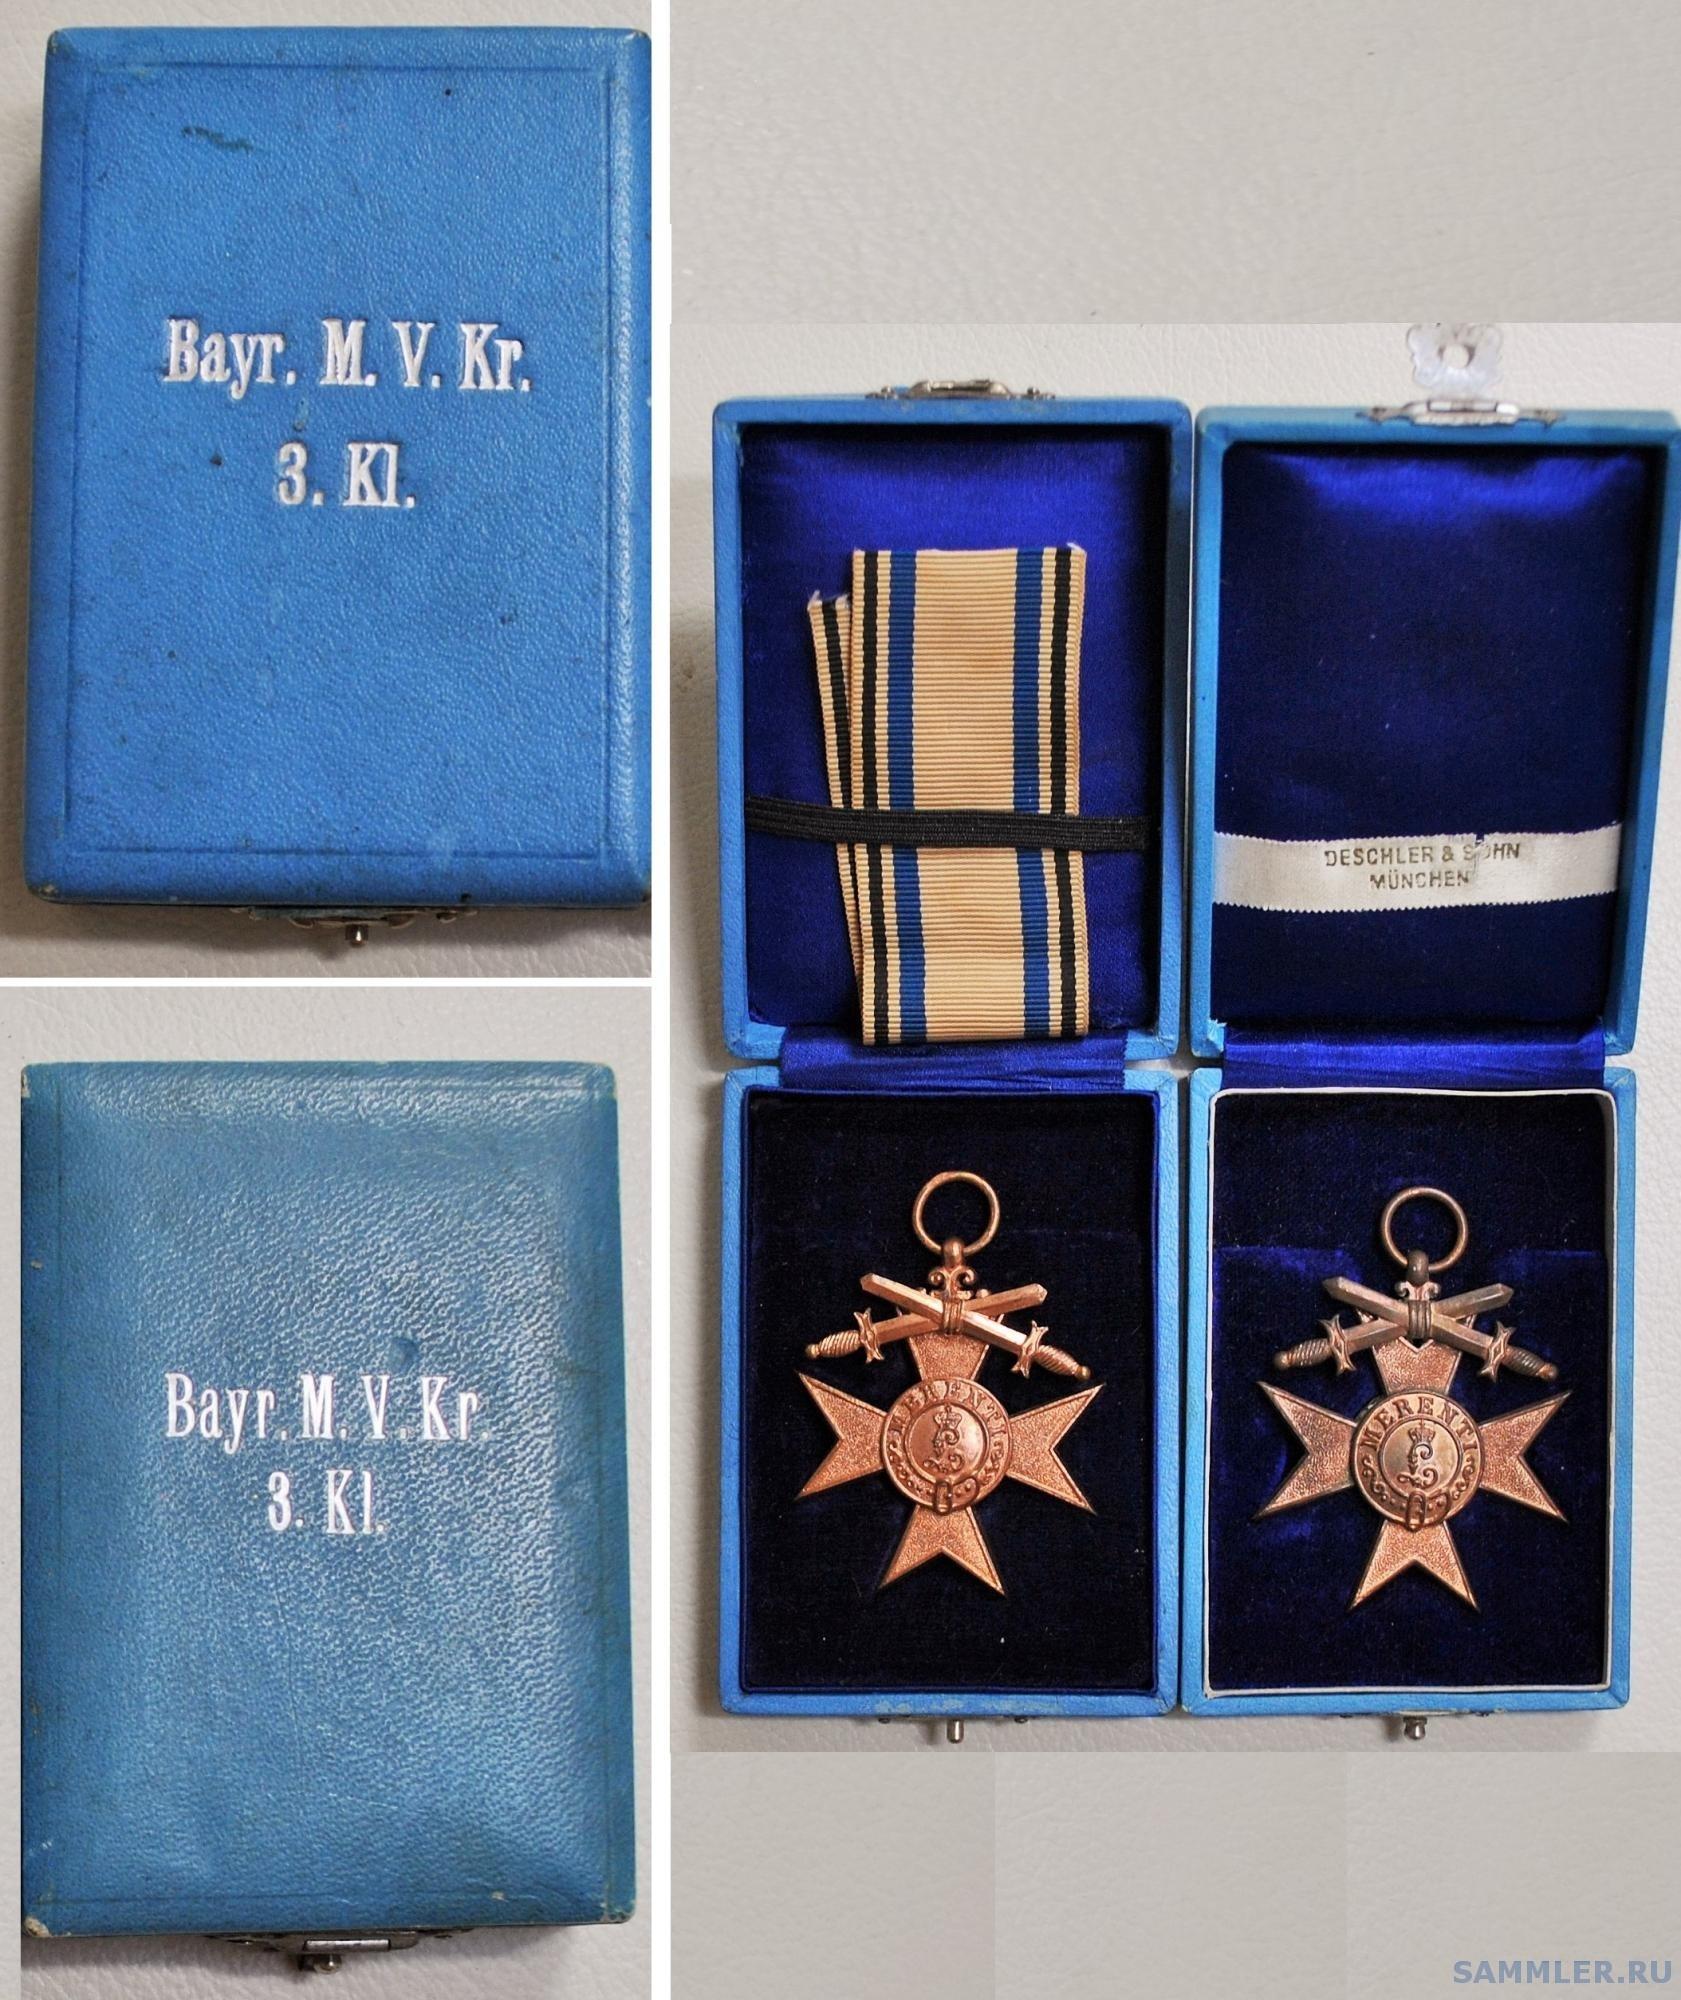 M.V.Kreuze.JPG